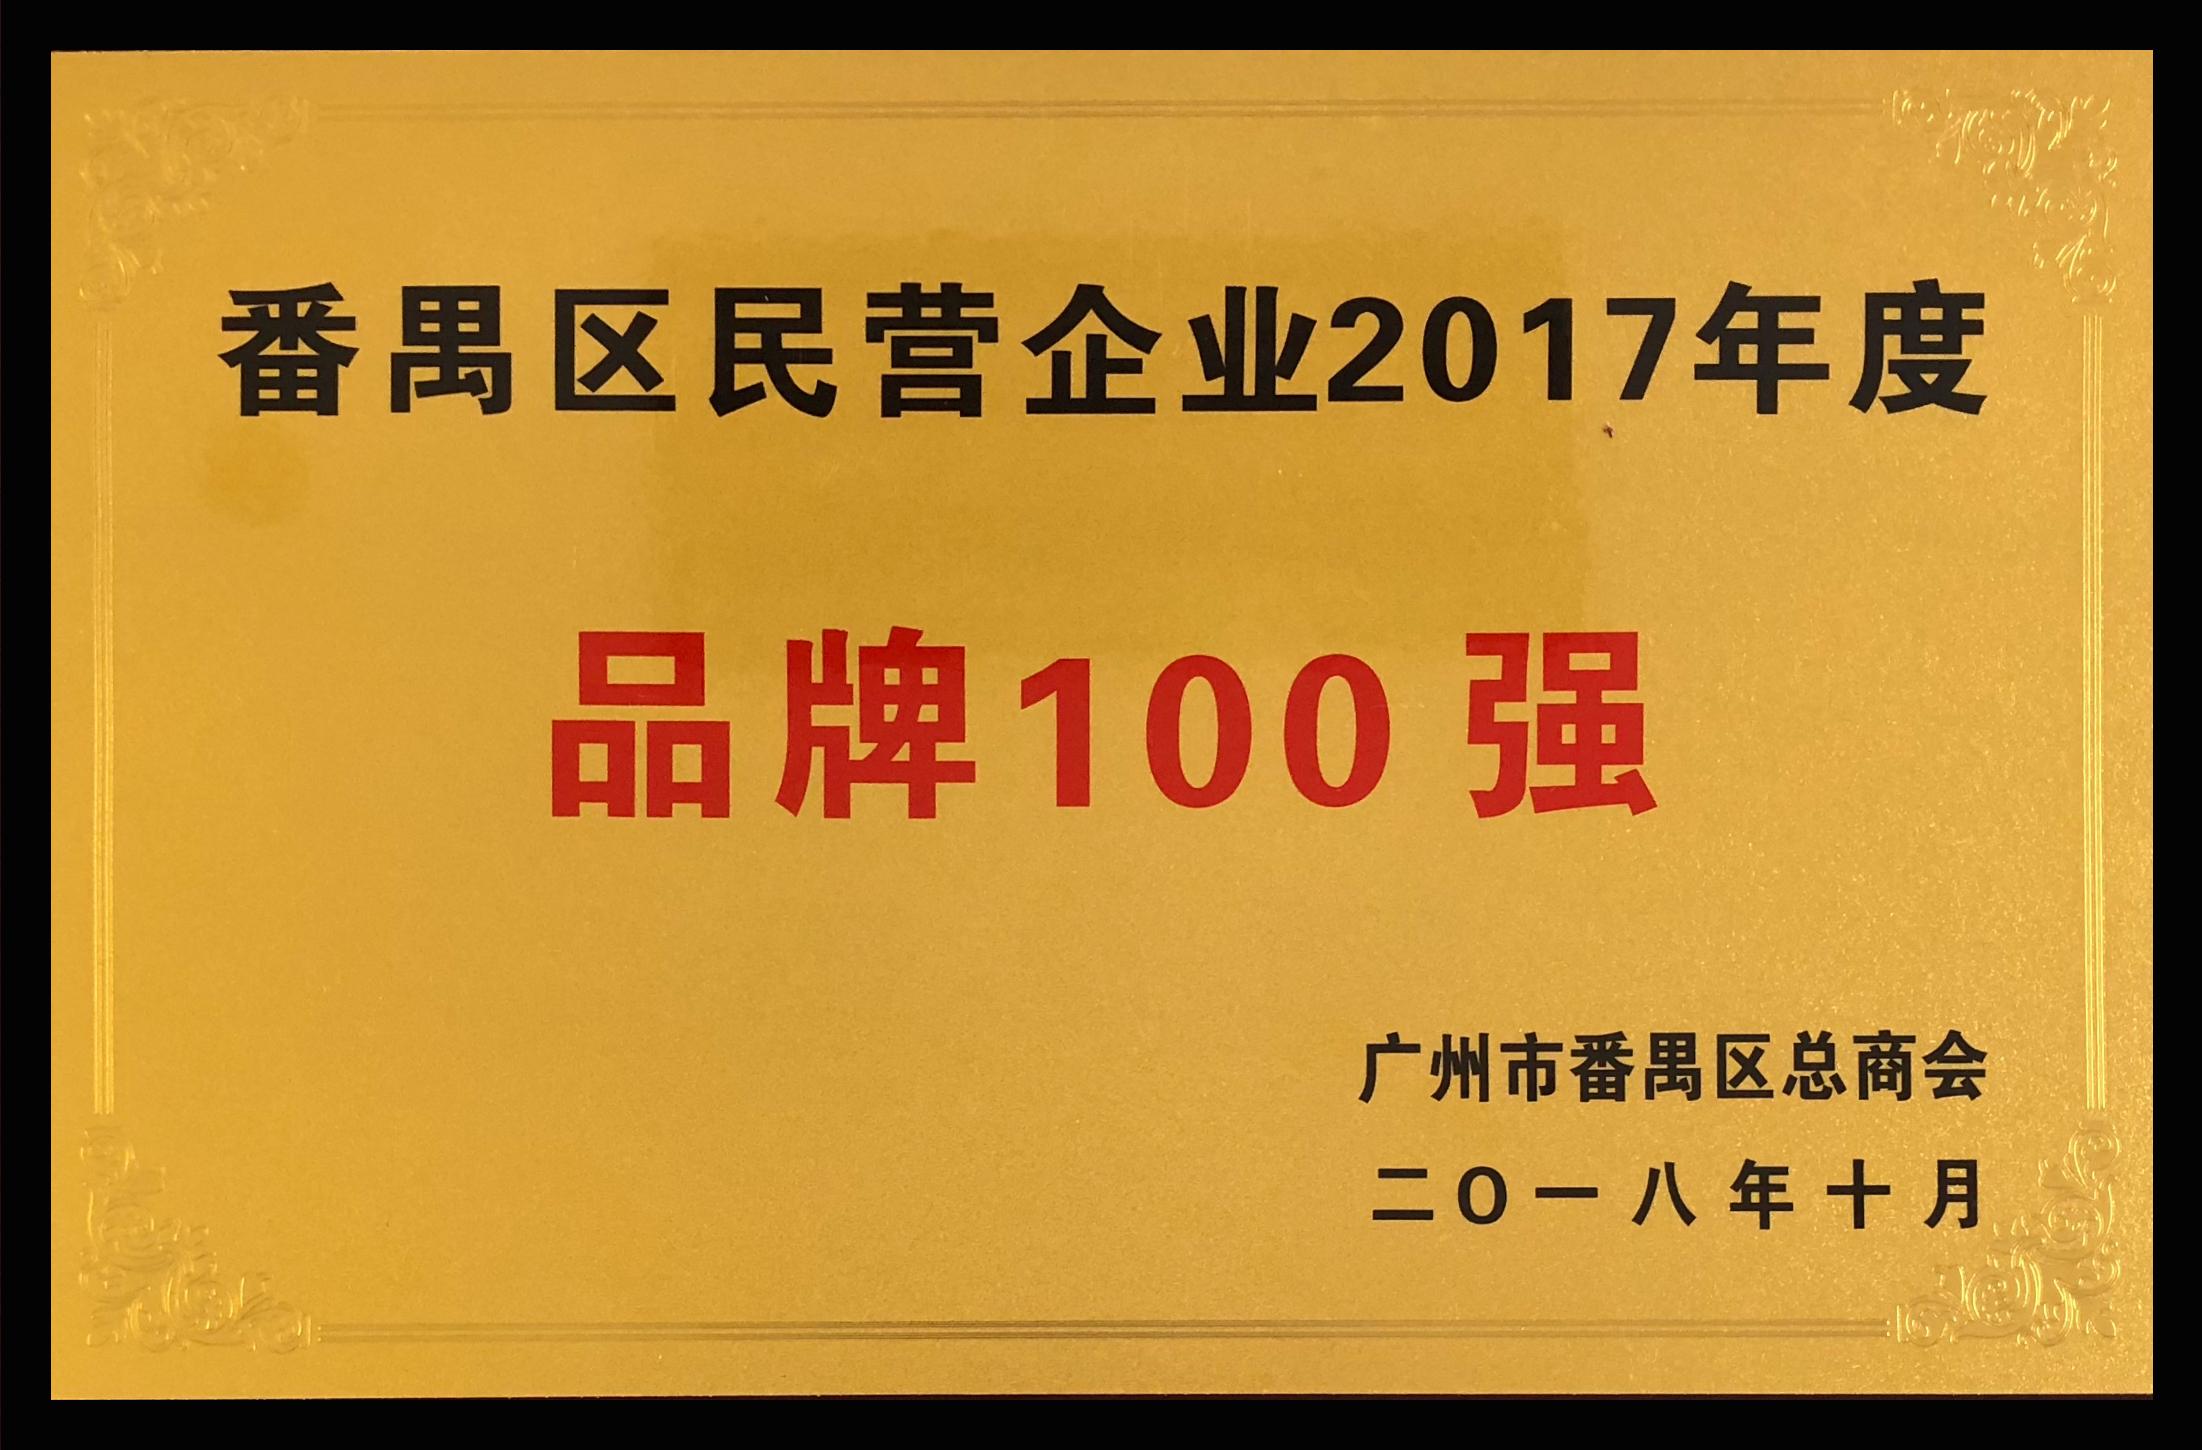 番禺區民營企業2017年度品牌100強